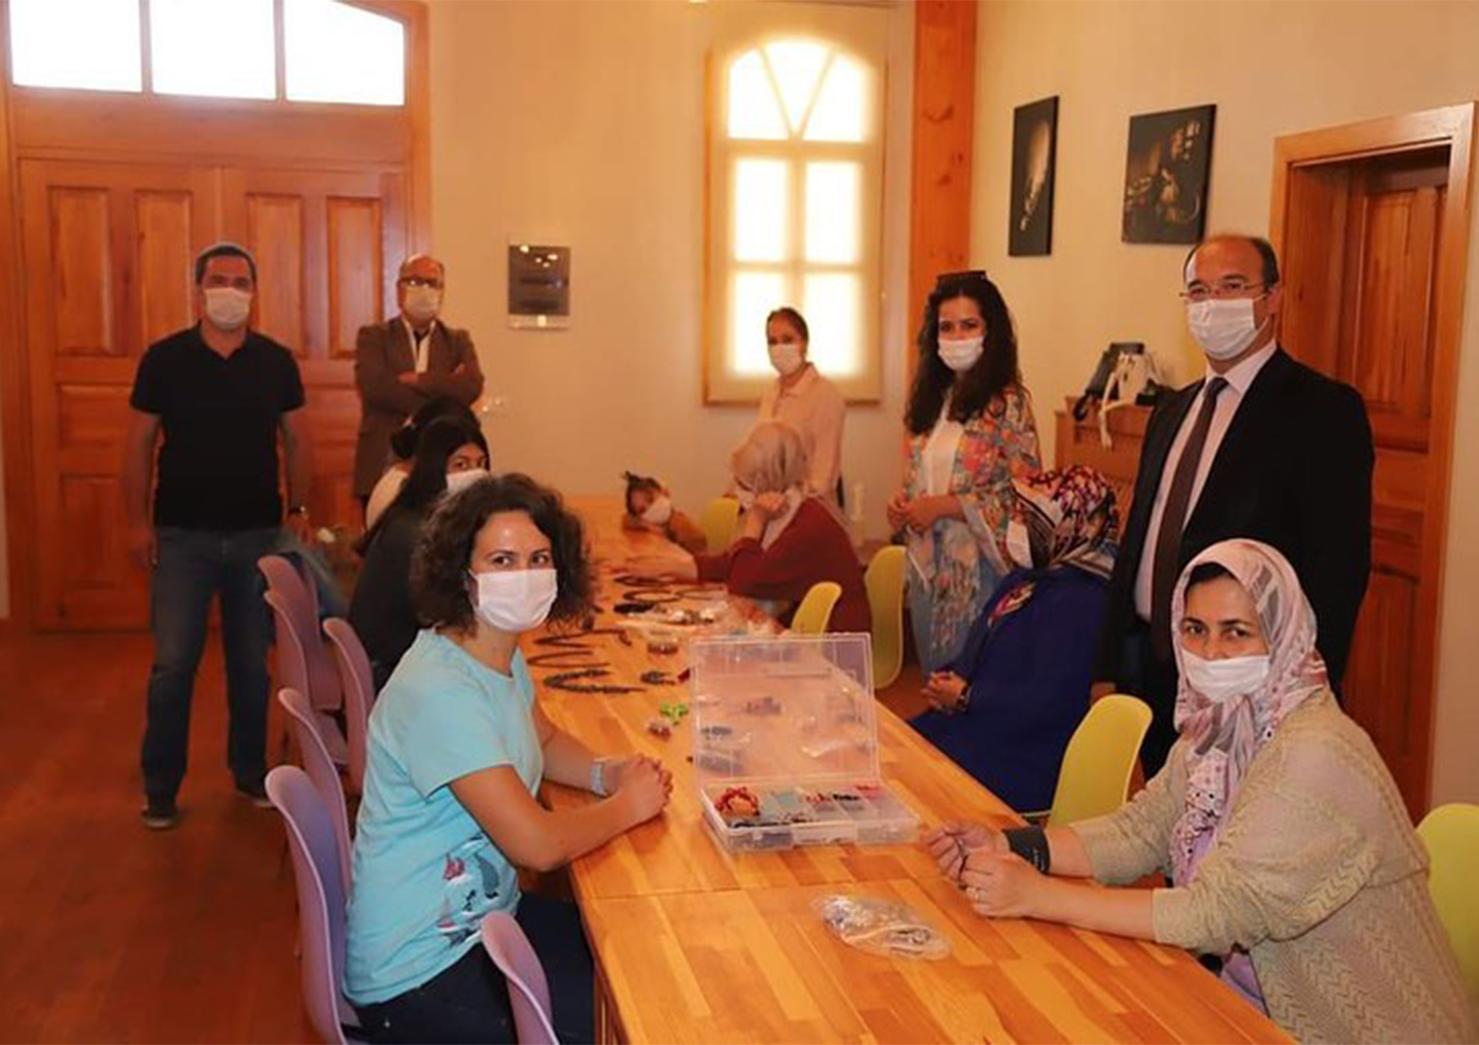 ESMEK(Eskişehir Büyükşehir Belediyesi Meslek Edindirme Kursu) ve SEYMEK(Seyitgazi Belediyesi Meslek Edindirme Kursu)